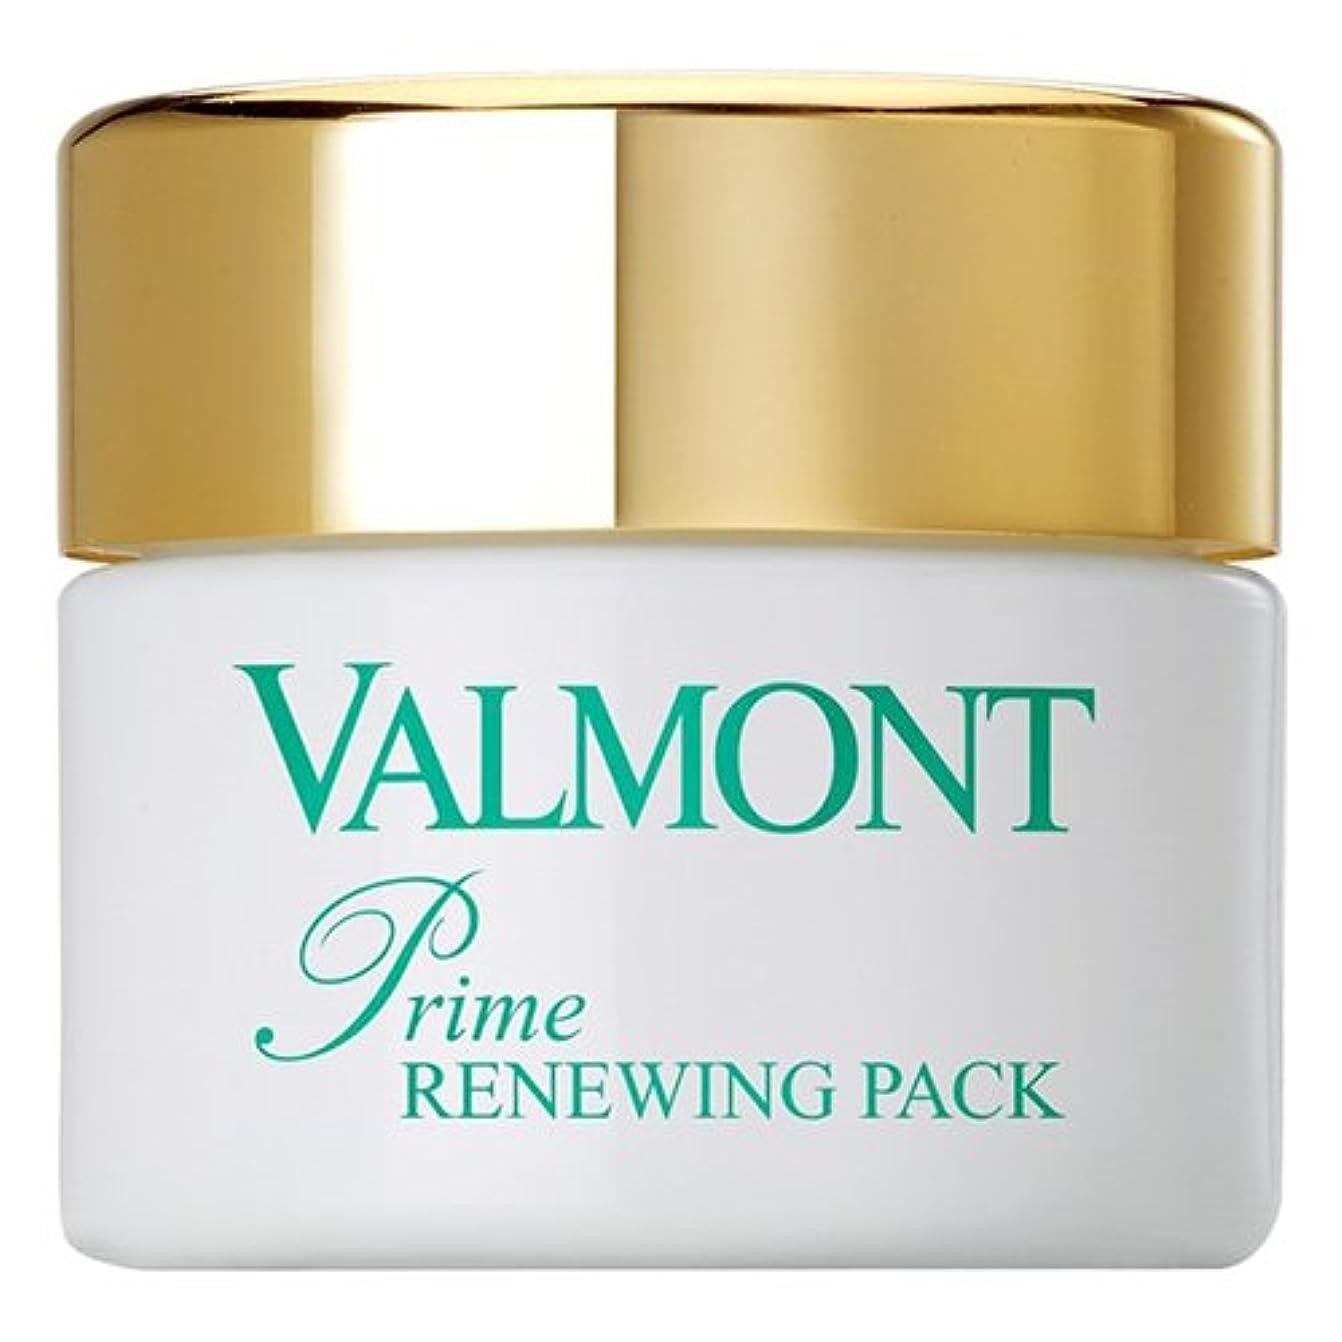 過ちカビ志すValmont Prime Renewing Pack, 7.0 Ounce エイジングケアマスク クリーム